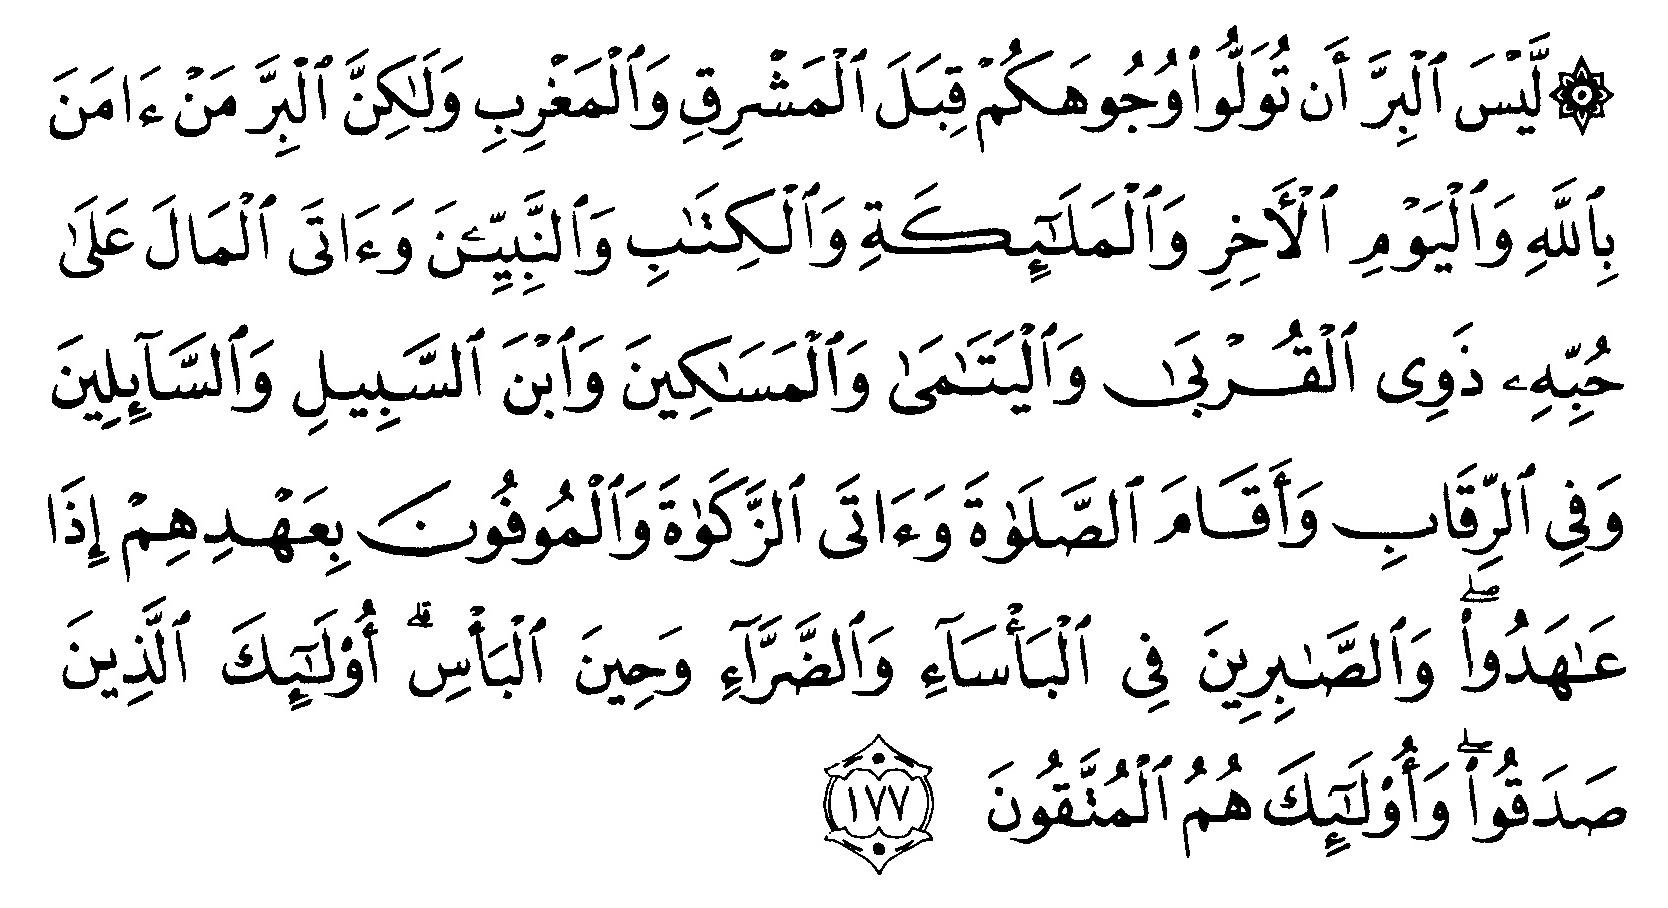 Tafsir Ibnu Katsir Surat Al-Baqarah ayat 177 | alqur'anmulia